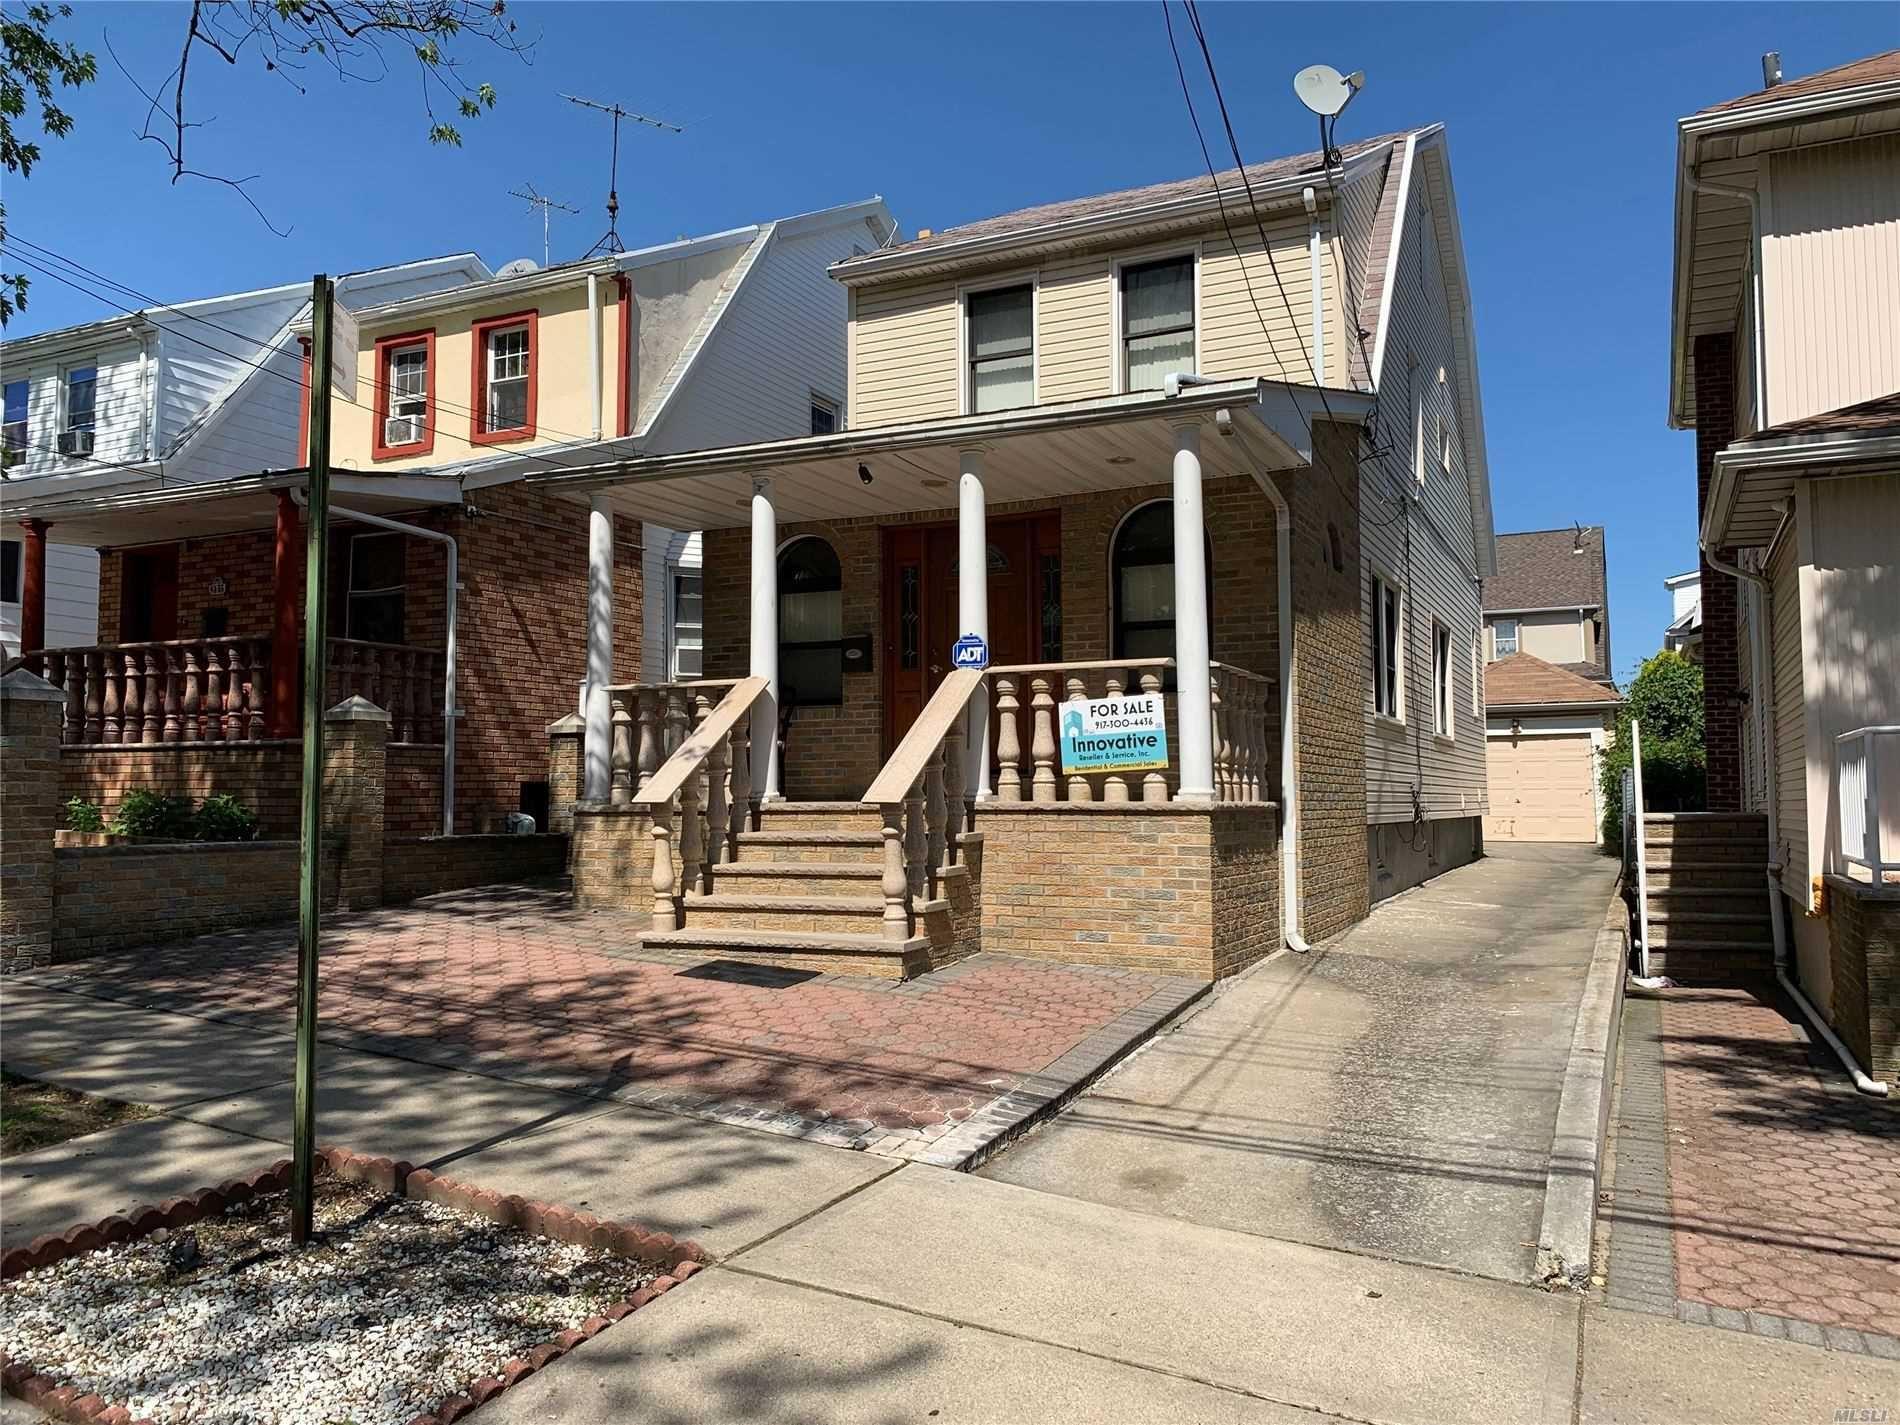 84-59 159th Street, Jamaica, NY 11432 - MLS#: 3183272